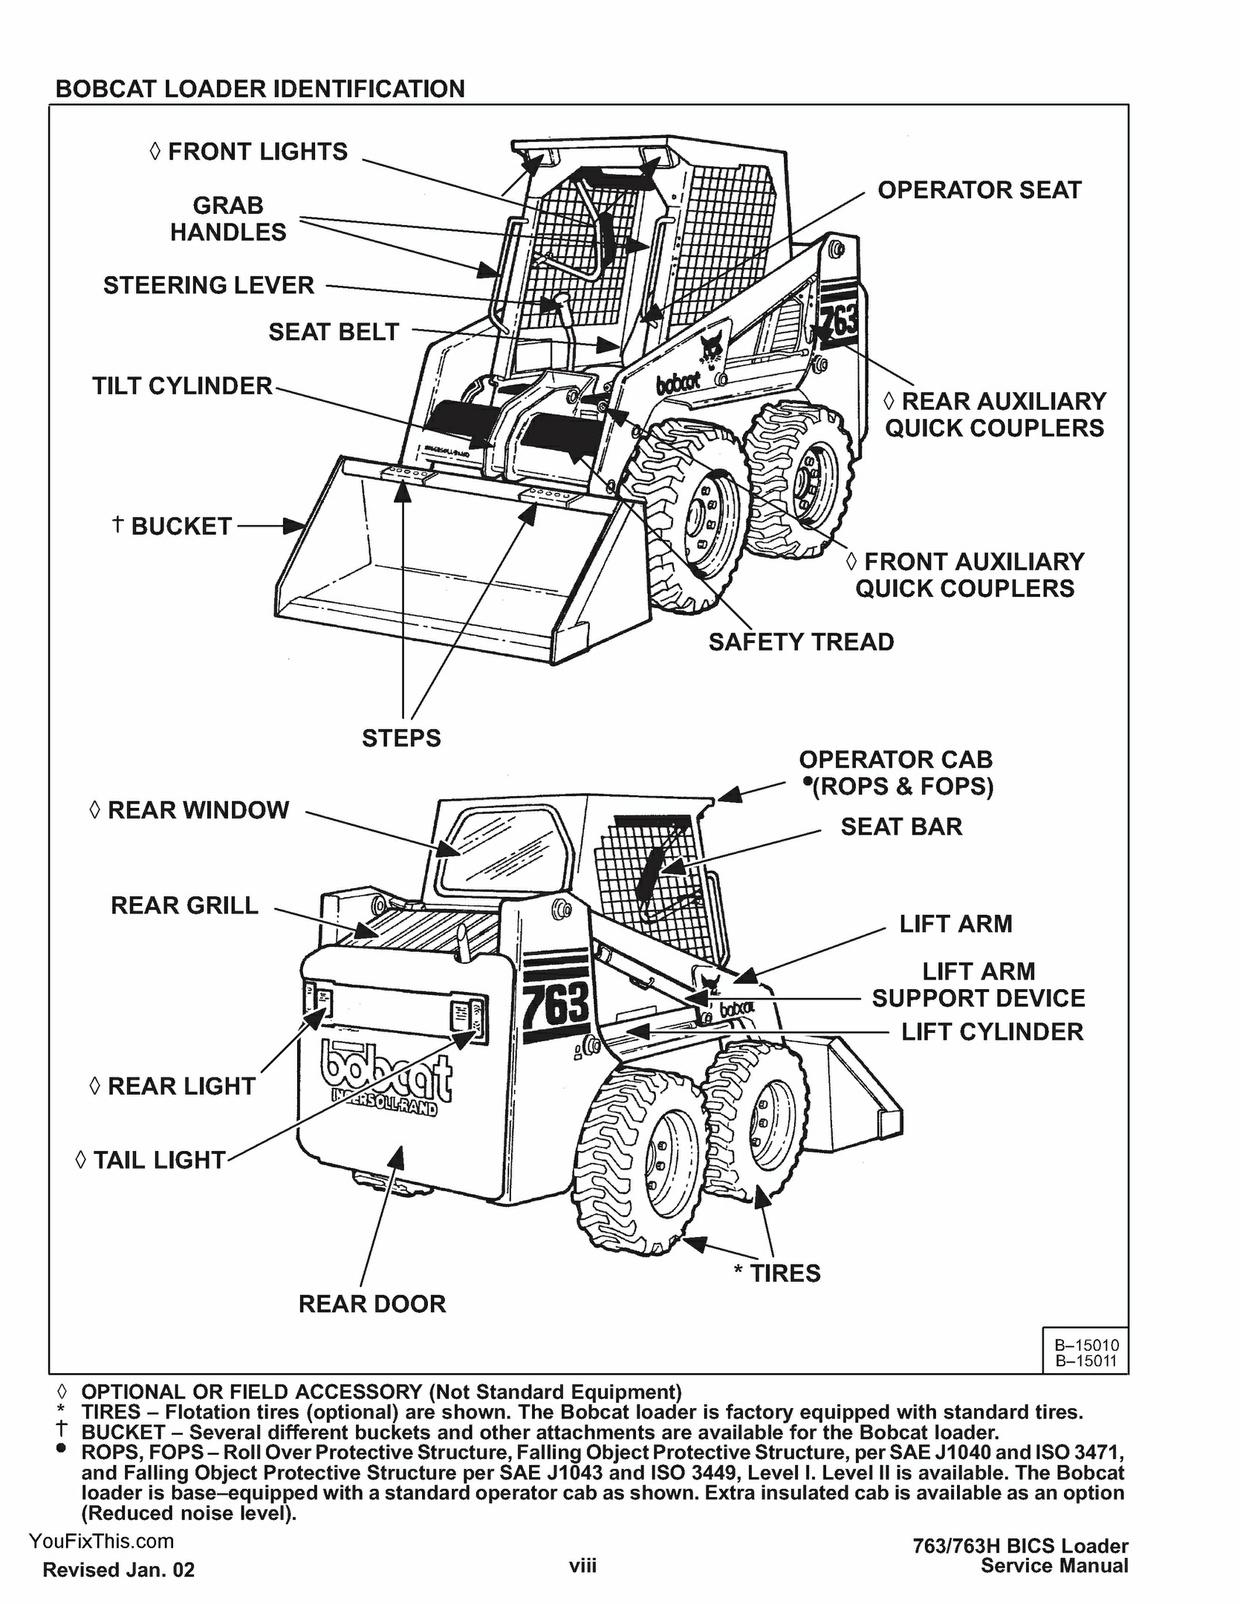 INSTANT DOWNLOAD Bobcat 763 Skid Steer Loader Repair Service Manual